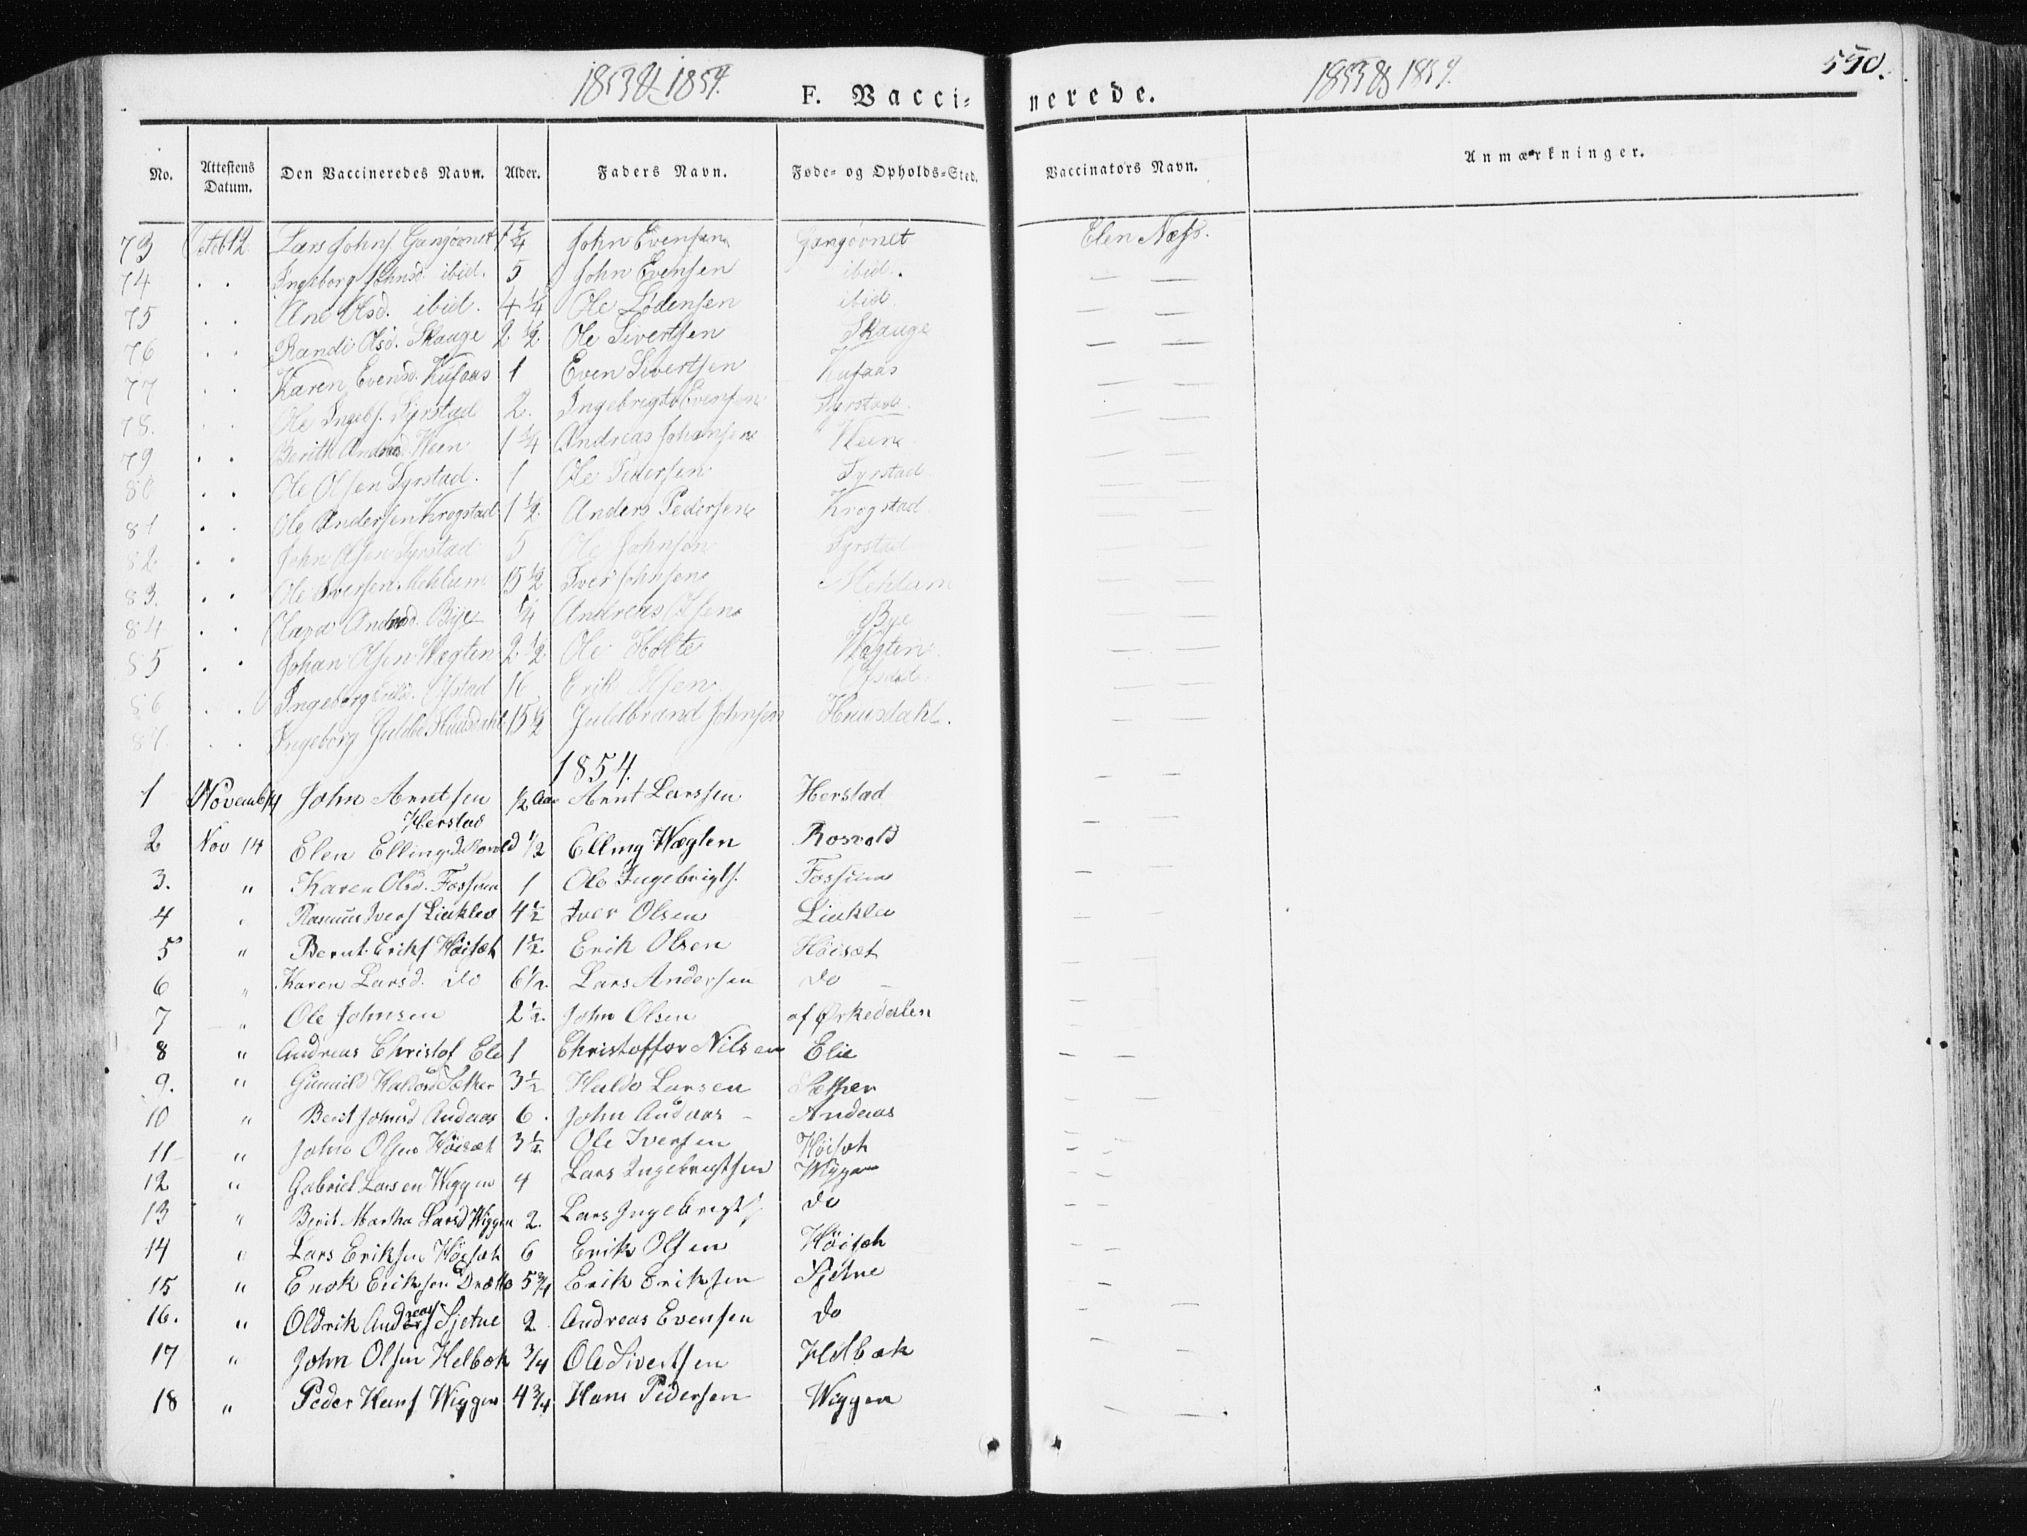 SAT, Ministerialprotokoller, klokkerbøker og fødselsregistre - Sør-Trøndelag, 665/L0771: Ministerialbok nr. 665A06, 1830-1856, s. 550